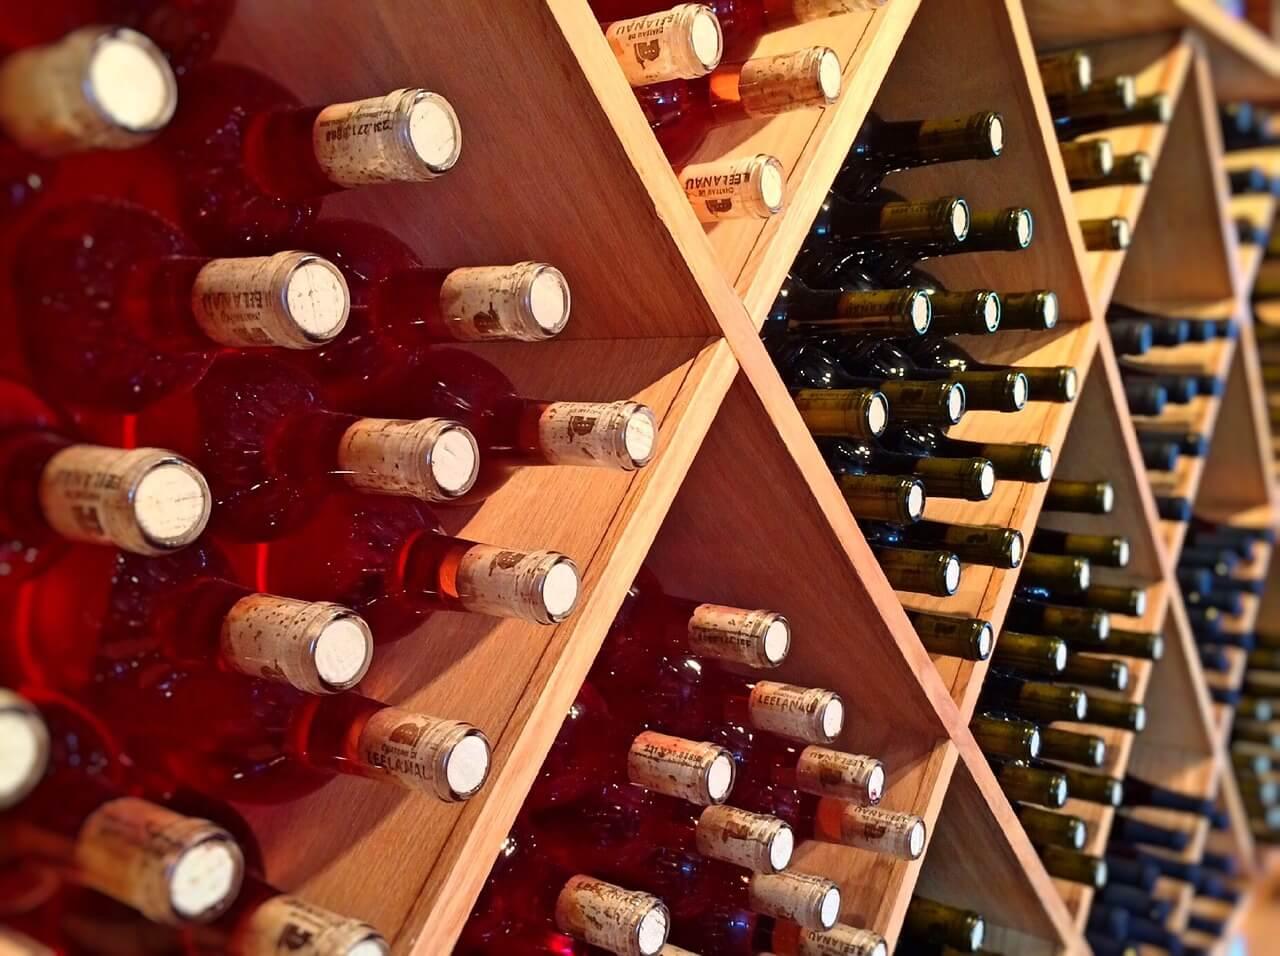 Дорогое удовольствие: станет ли алкоголь менее доступным?